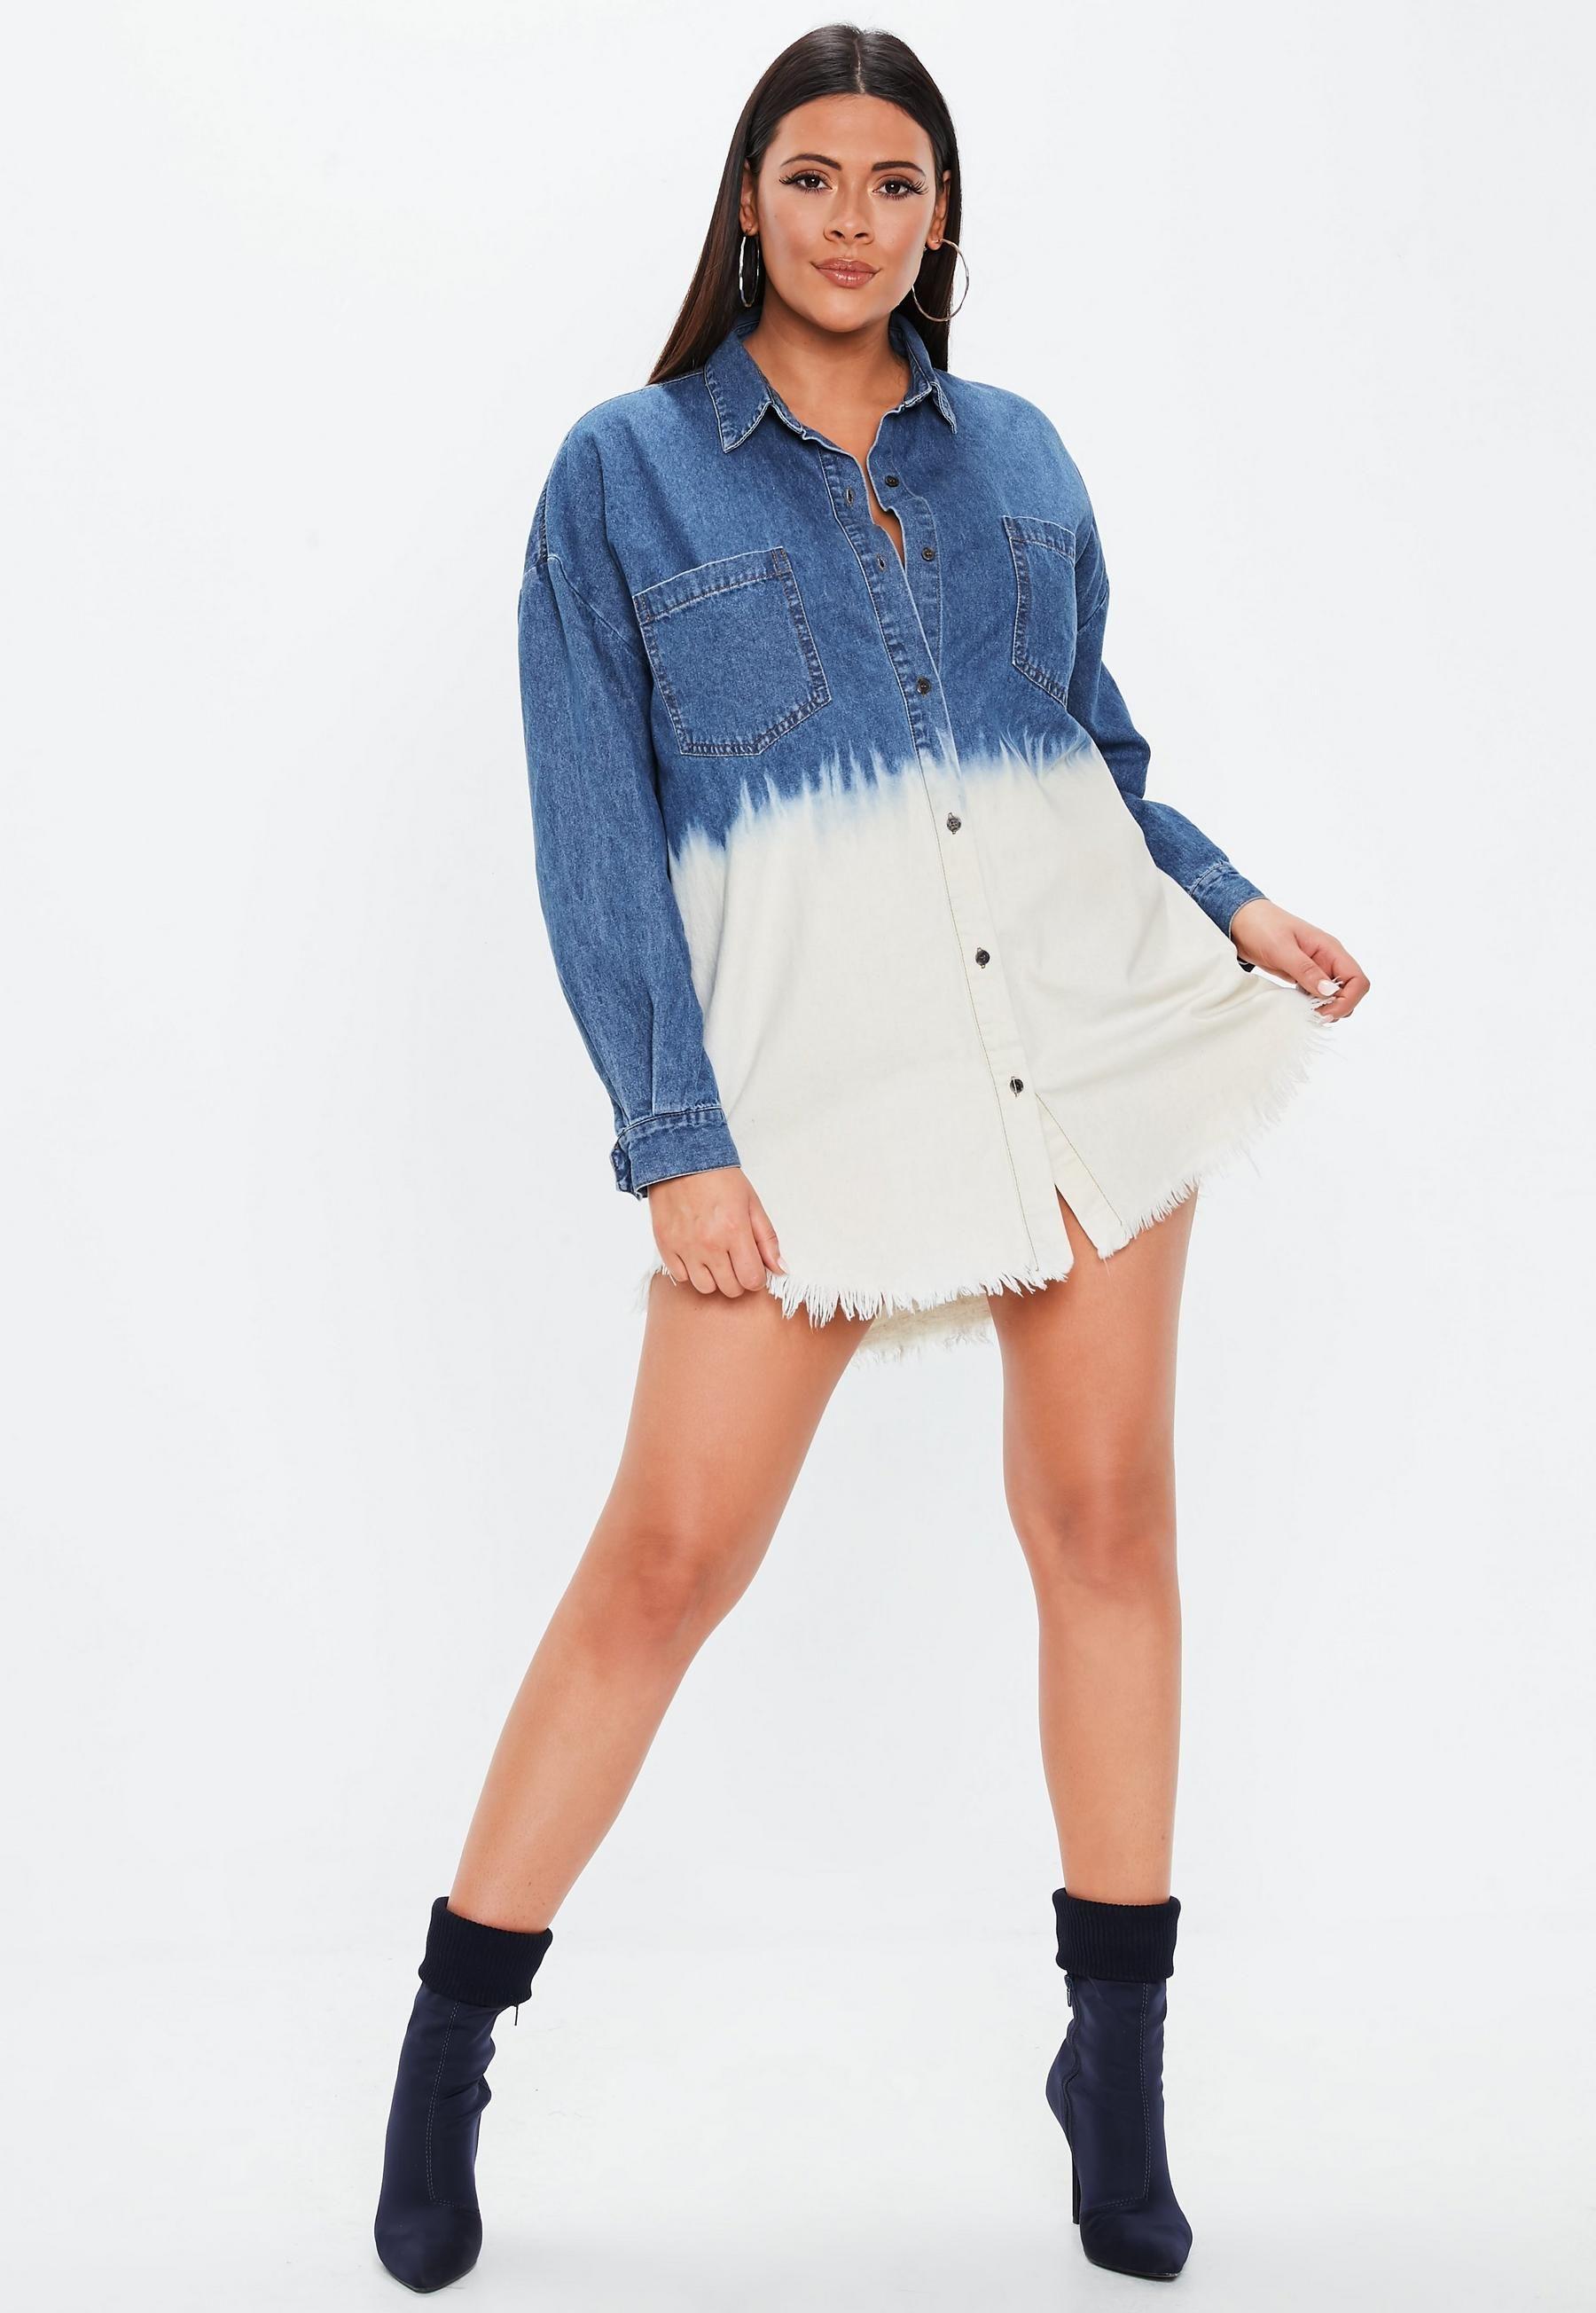 Plus Size Blue Jean Shirt Dress